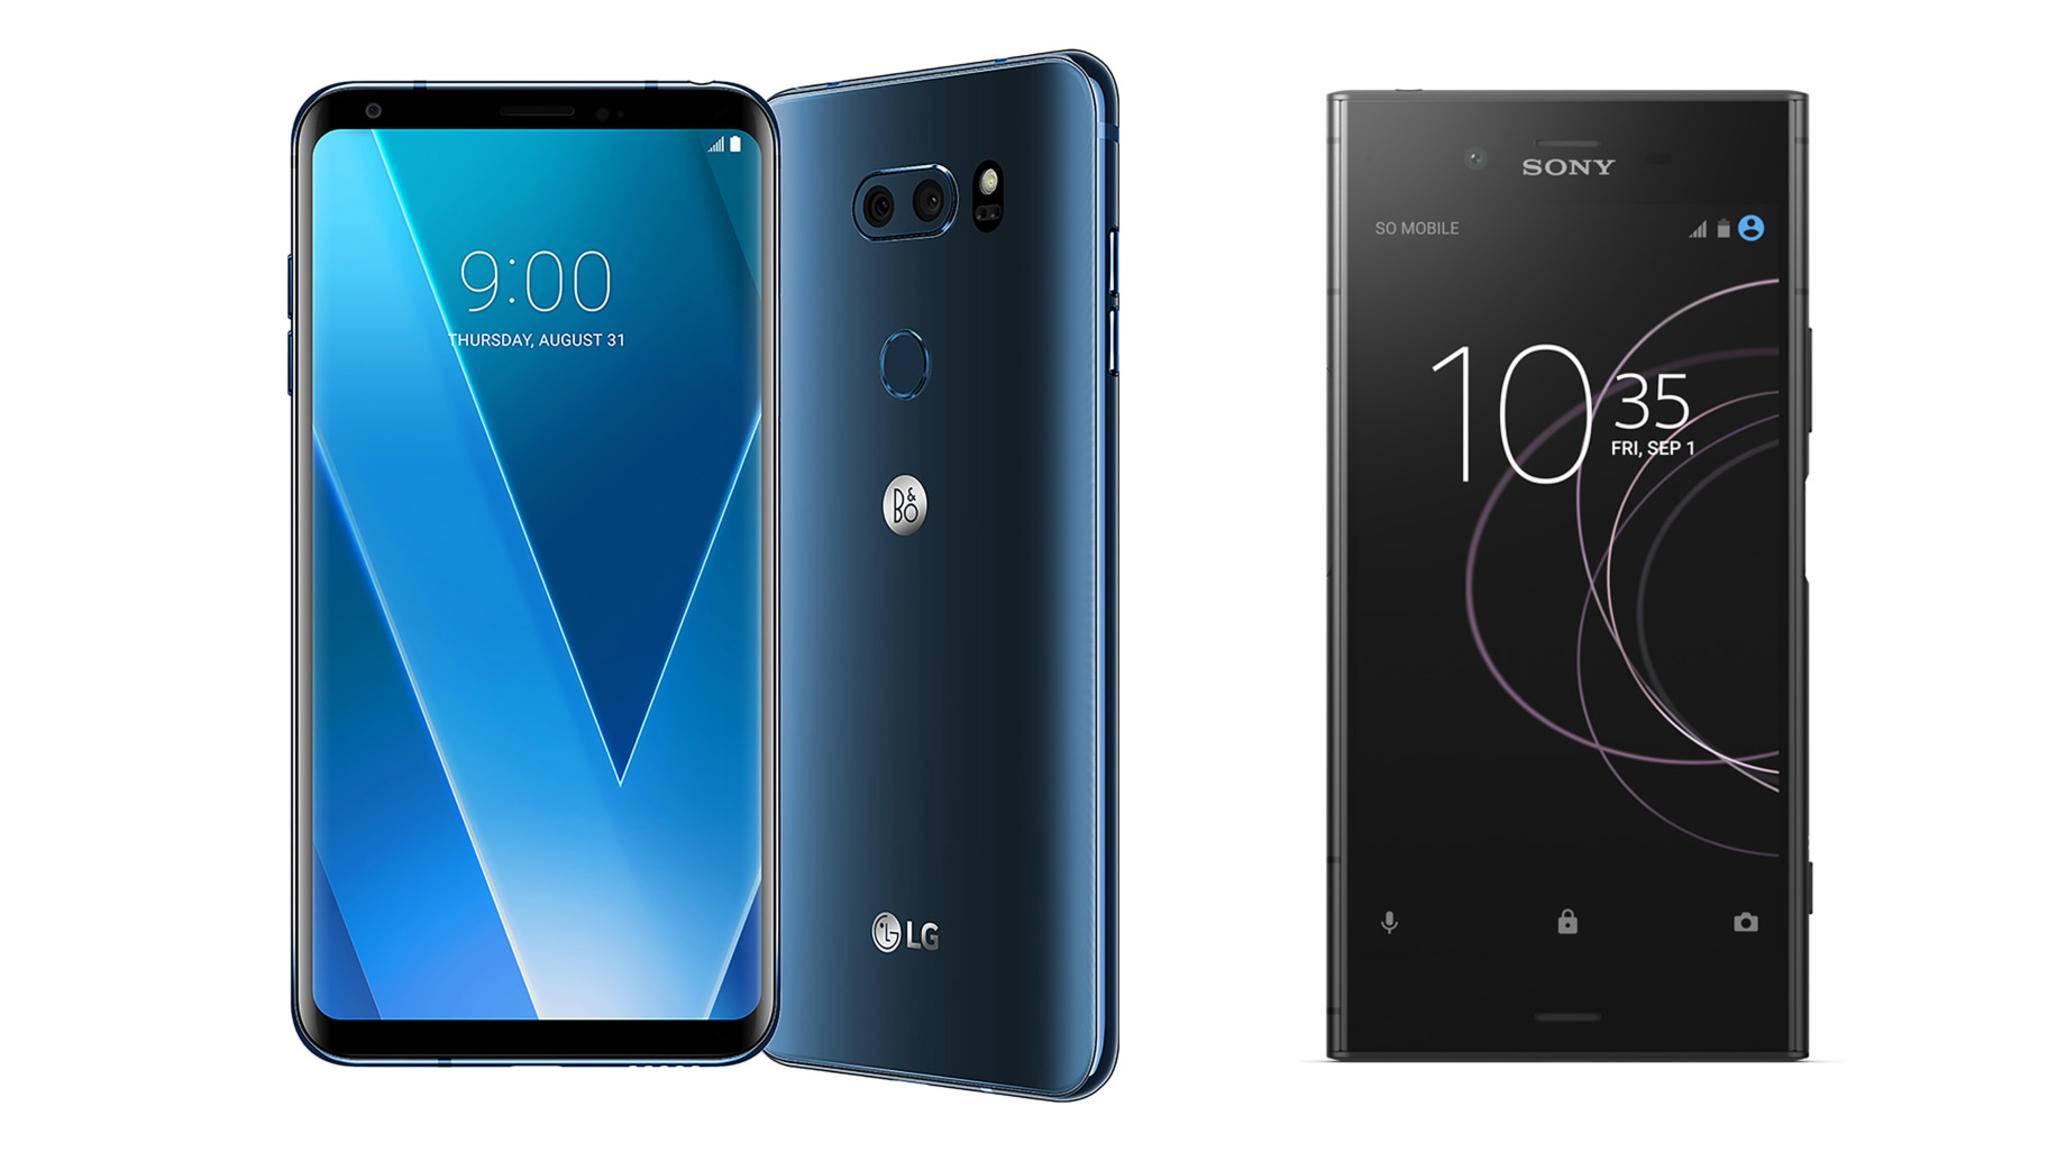 Die beiden Smartphone-Highlights treten im Vergleich gegeneinander an: Das LG V30 gegen das Sony Xperia XZ1.